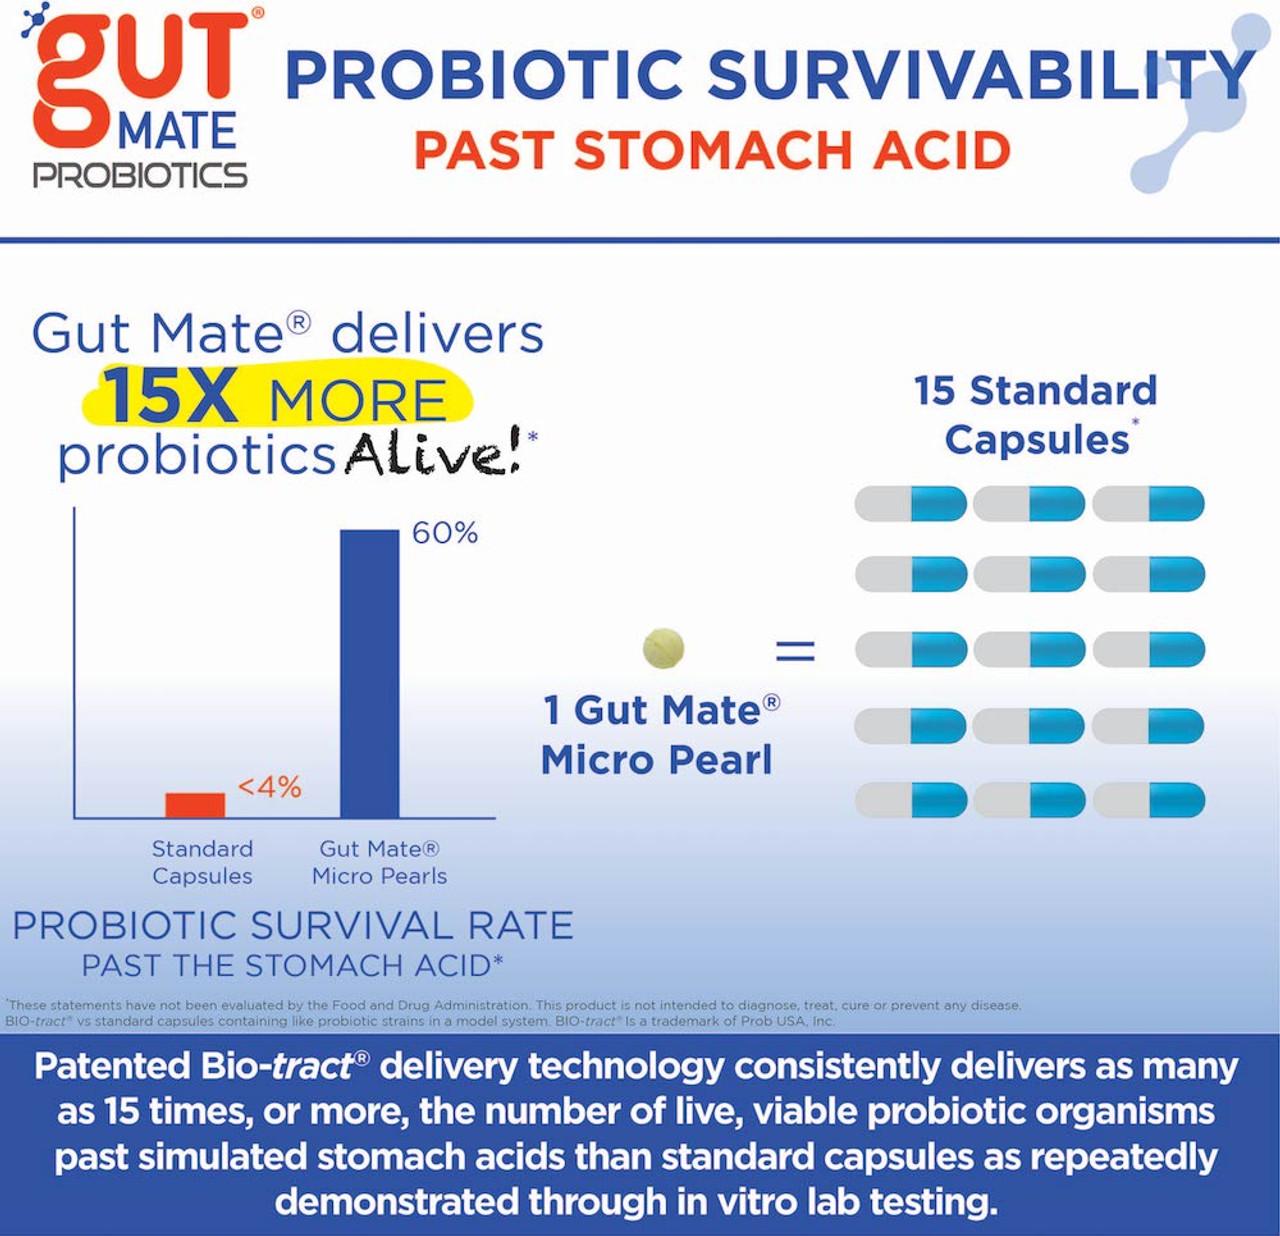 1 Gut Mate® Micro Pearl = 15 Standard capsules